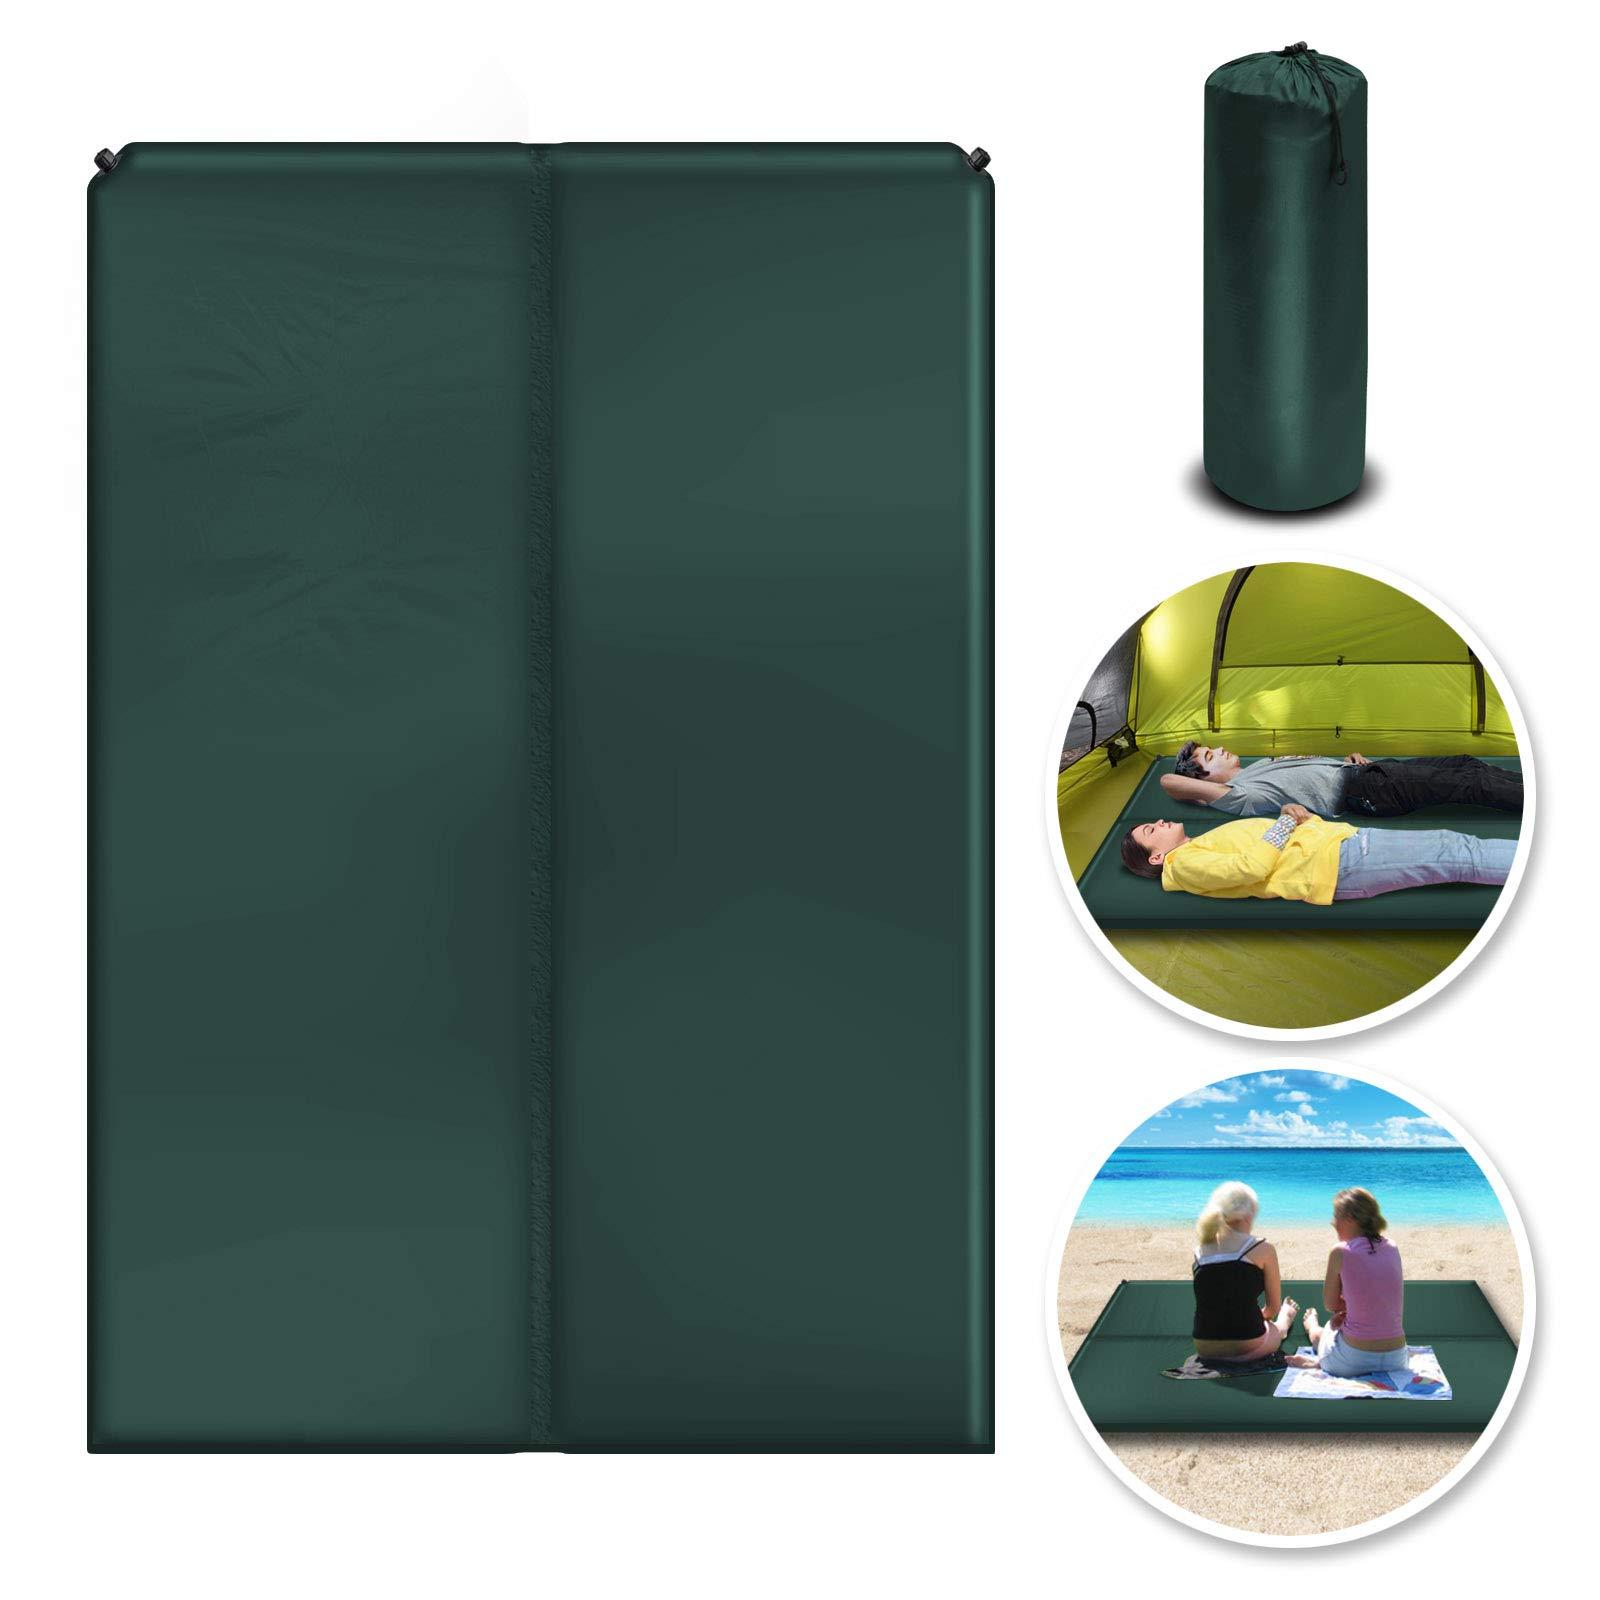 BenefitUSA Outdoor Folding Camping Mat Moistureproof Sleeping Bed 2 Person Mattress Cushion (Green) by Benefit-USA